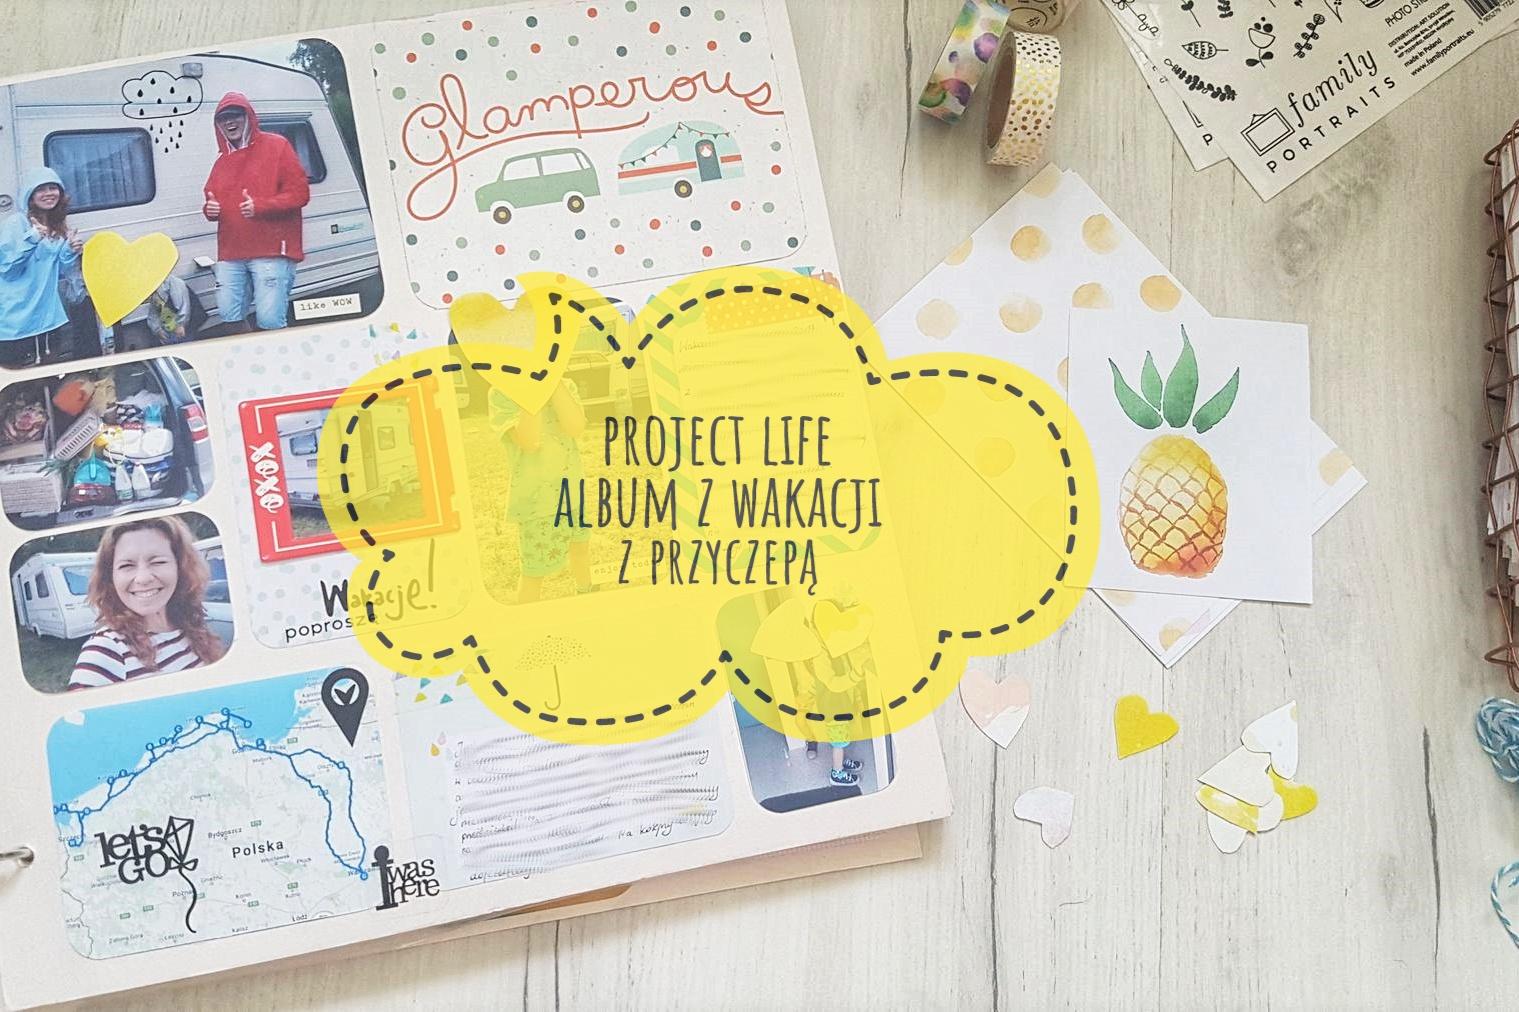 Project Life album z wakacji